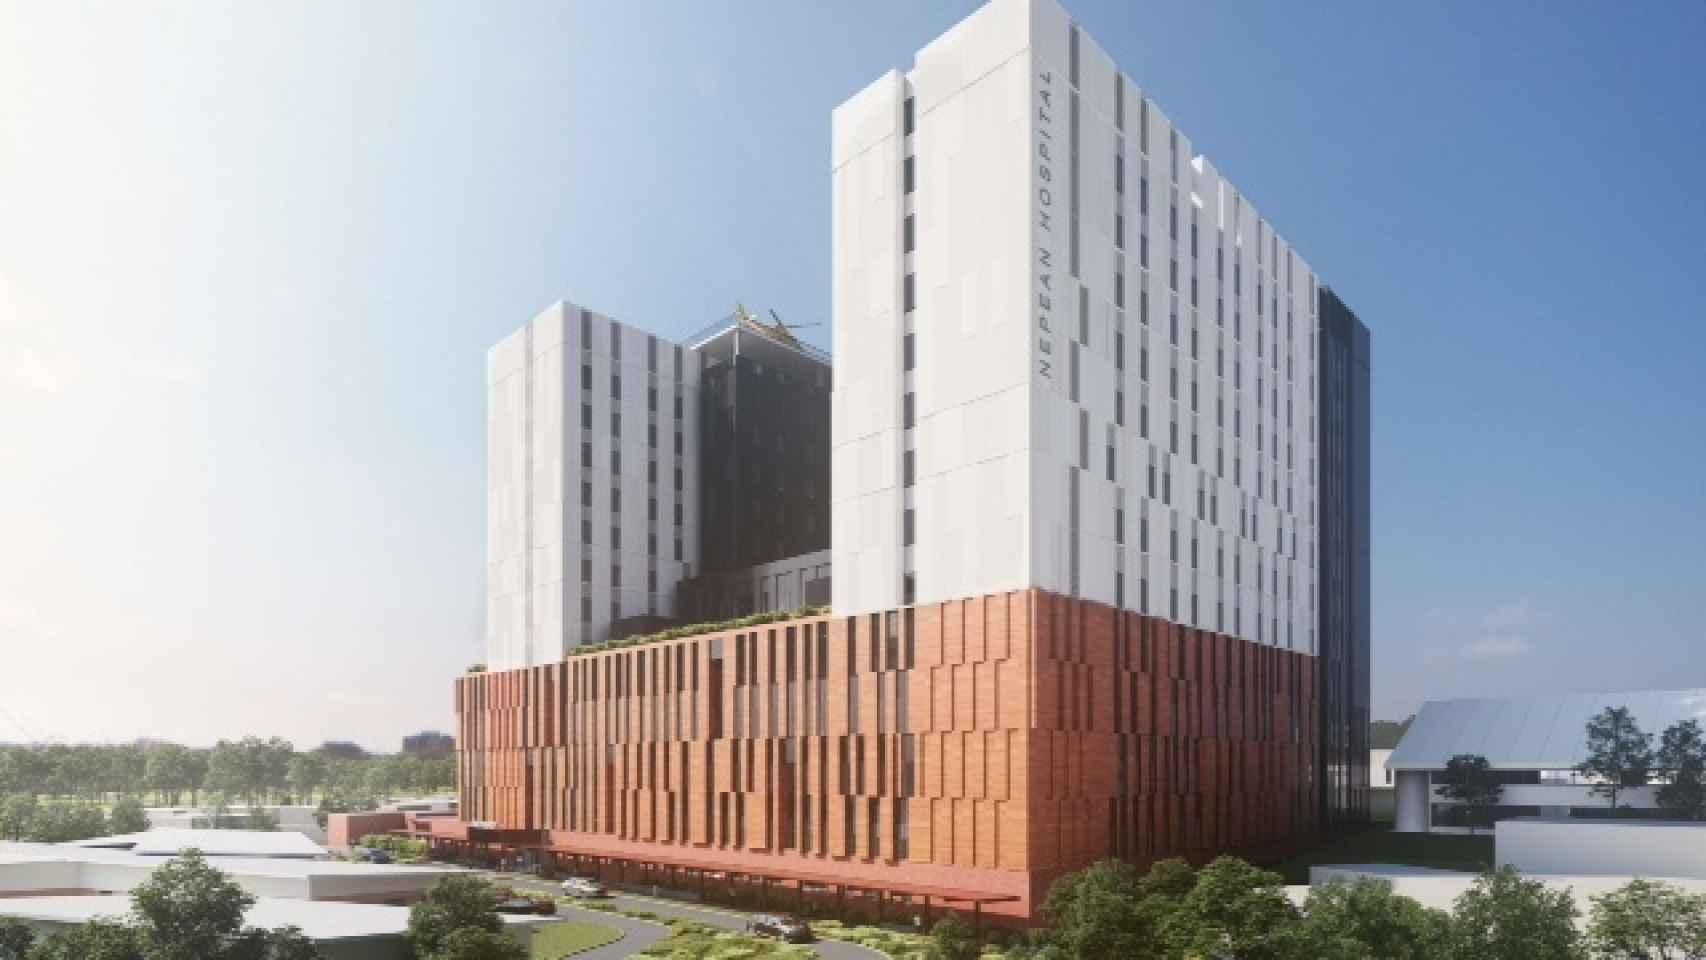 Imagen del proyecto de remodelación del hospital Nepean, que desarrollará CPB Contractors (ACS).